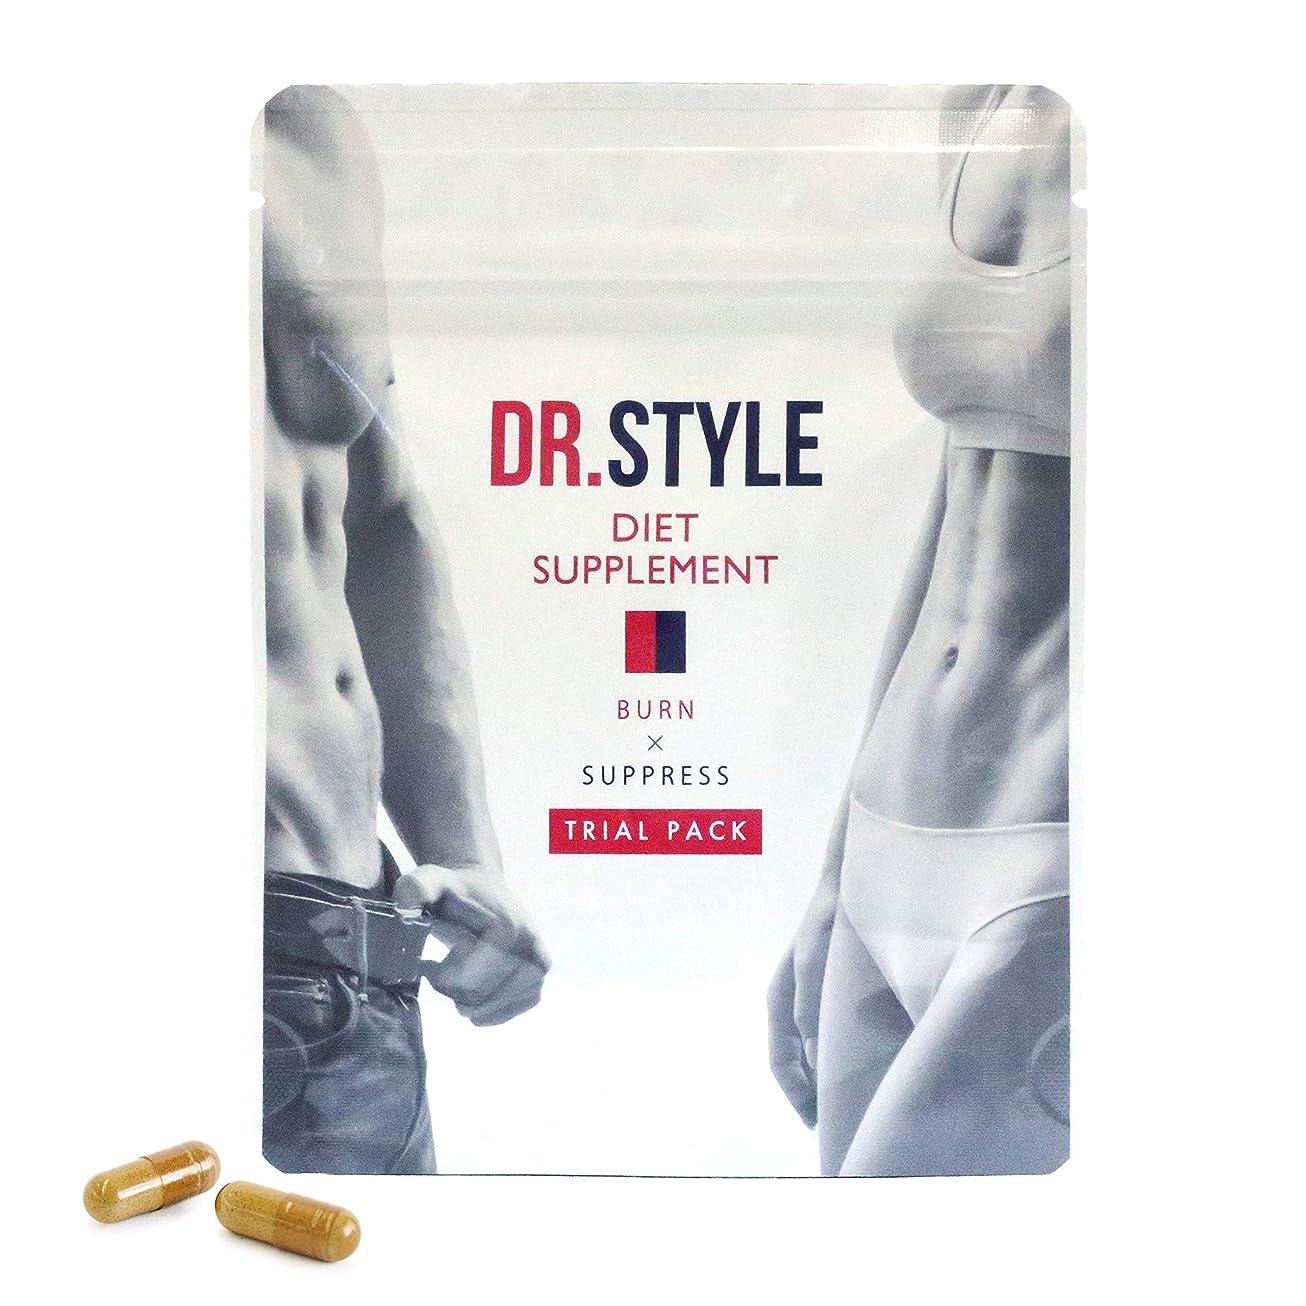 高度なタンパク質是正医師監修 ダイエット サプリメント【DR.STYLE】28粒 1週間分トライアルパック